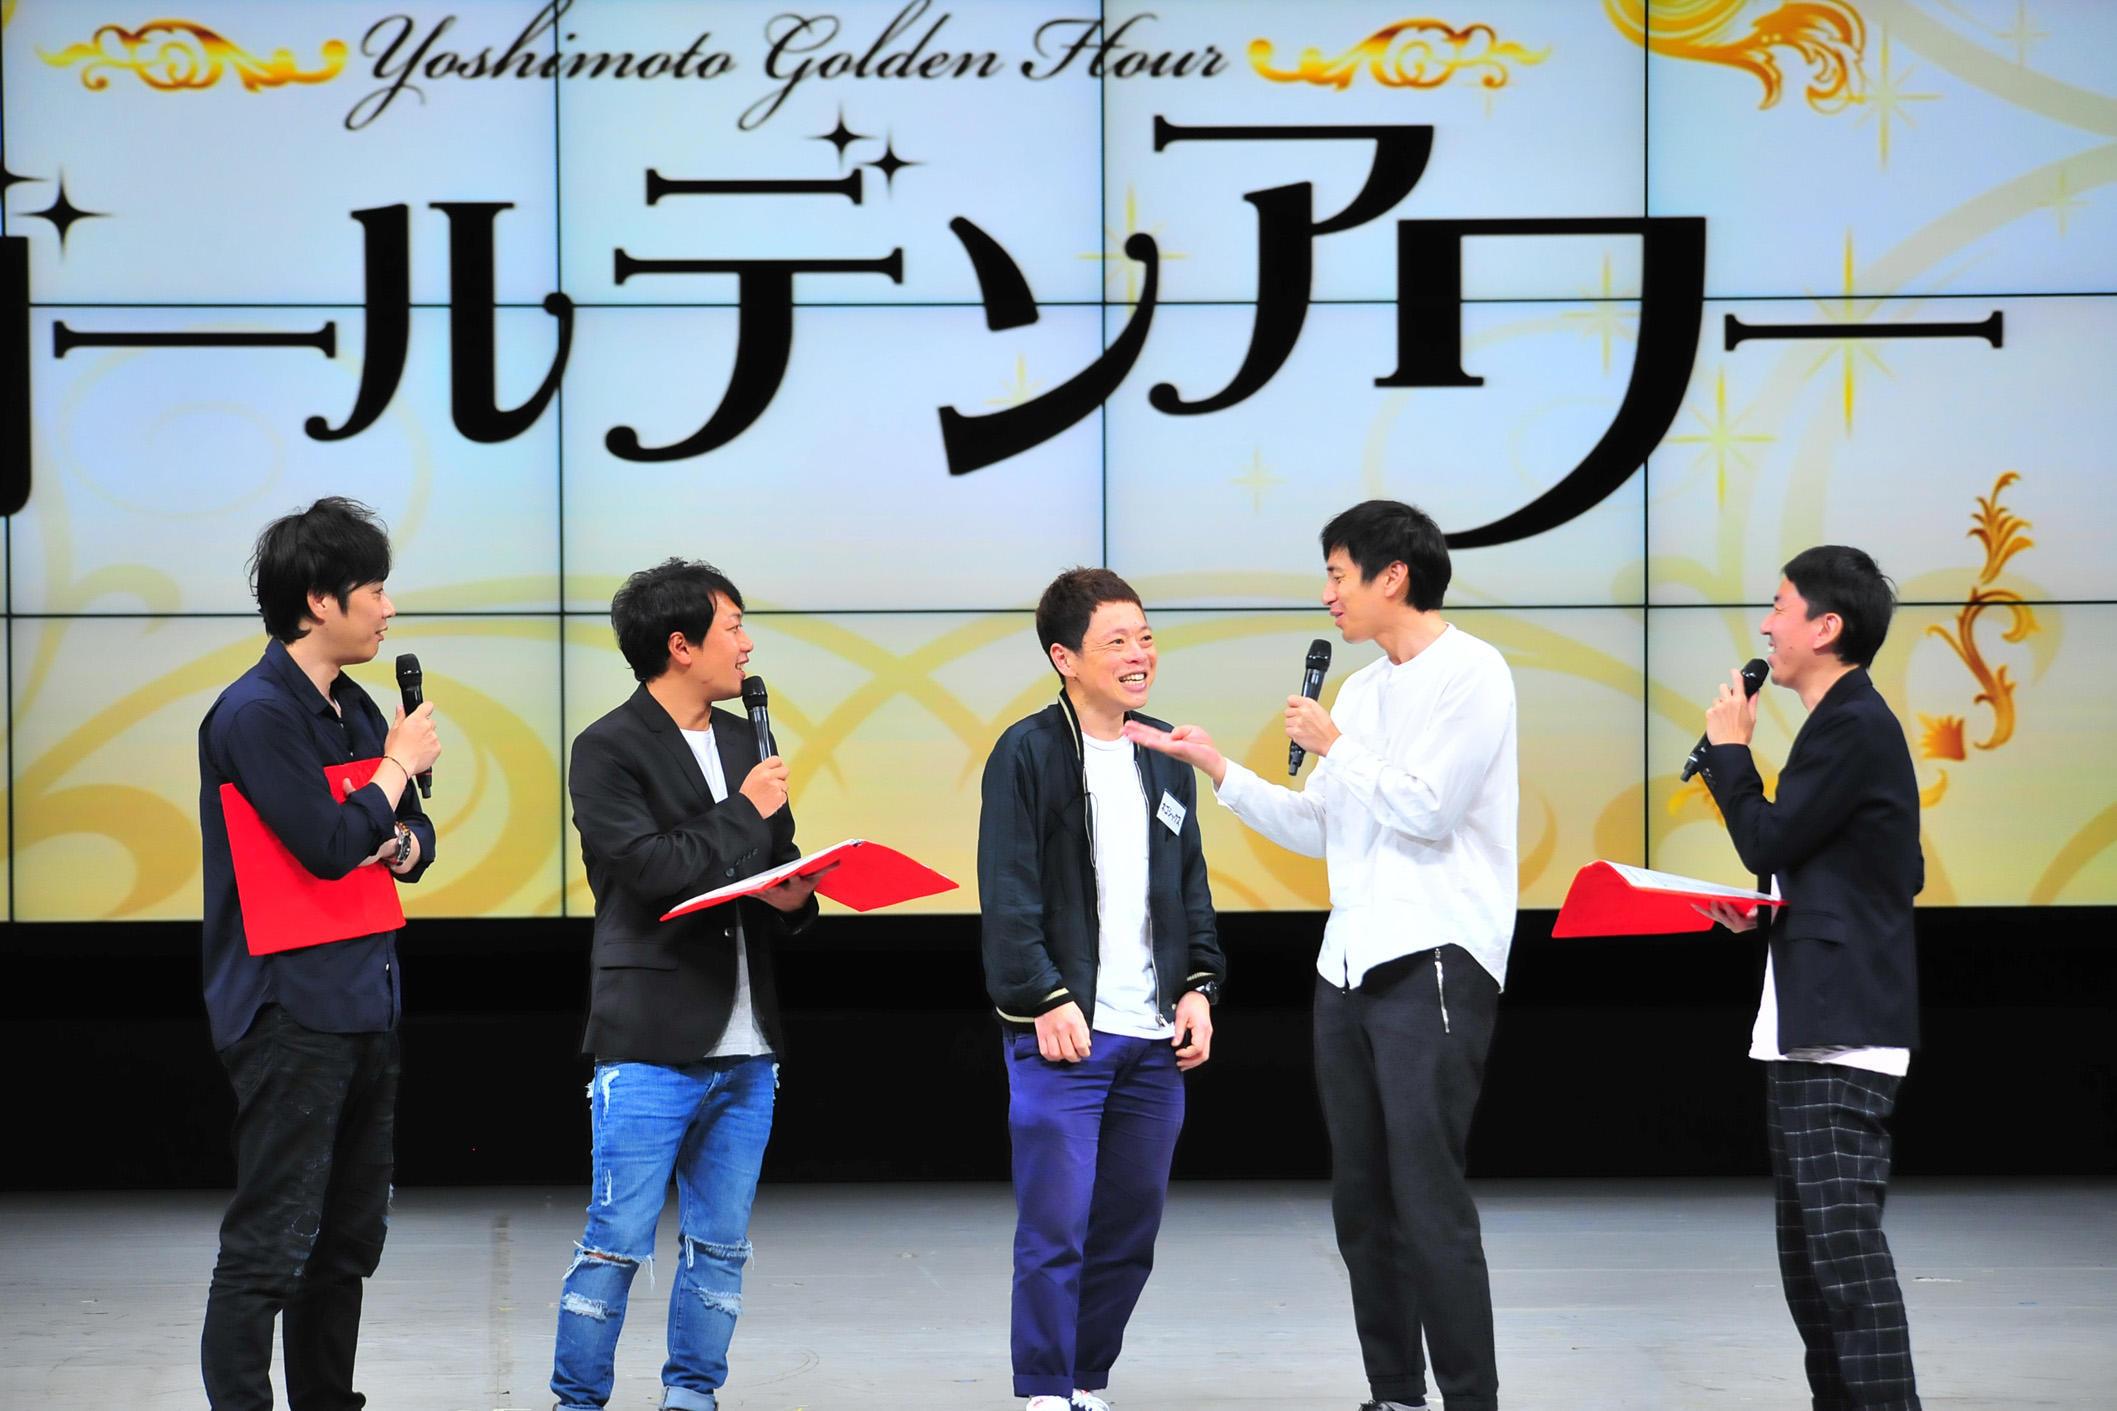 http://news.yoshimoto.co.jp/20160429204138-9ad3ceb4e6d7f7f0c5d46854ececf6f2bce6bacd.jpg